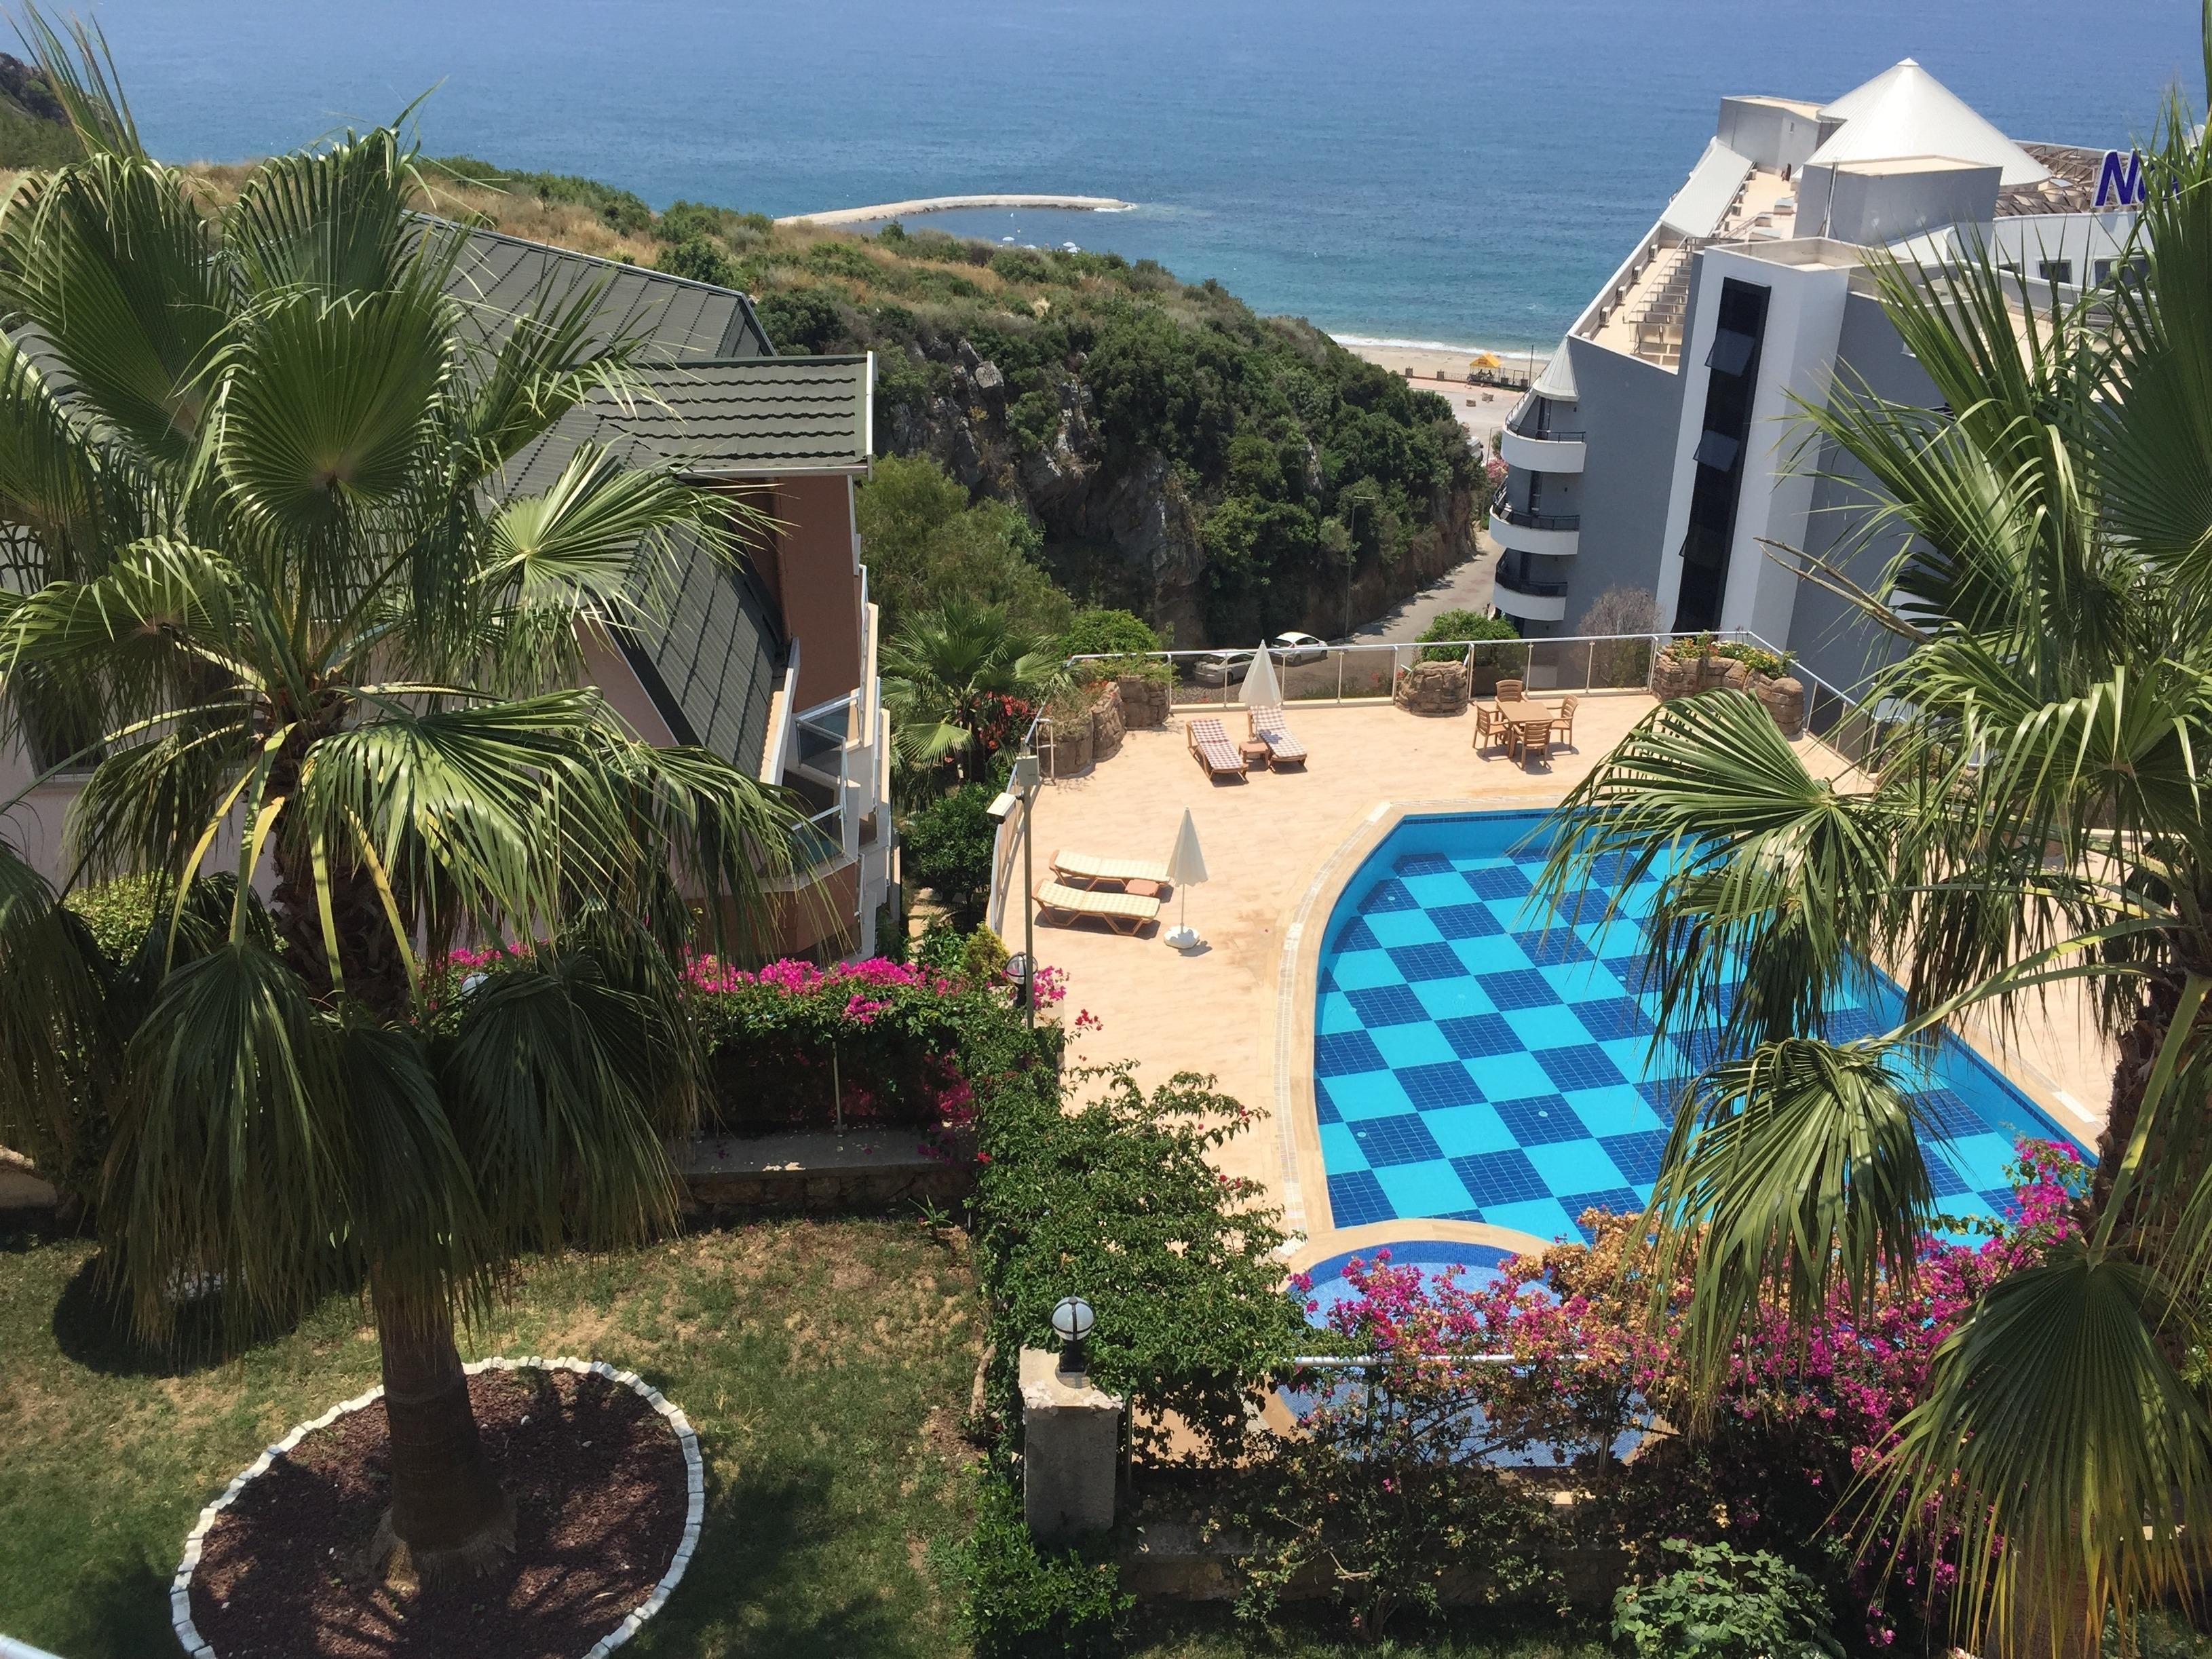 Ferienwohnung 4 N Suite (2704940), Konaklı, , Mittelmeerregion, Türkei, Bild 1